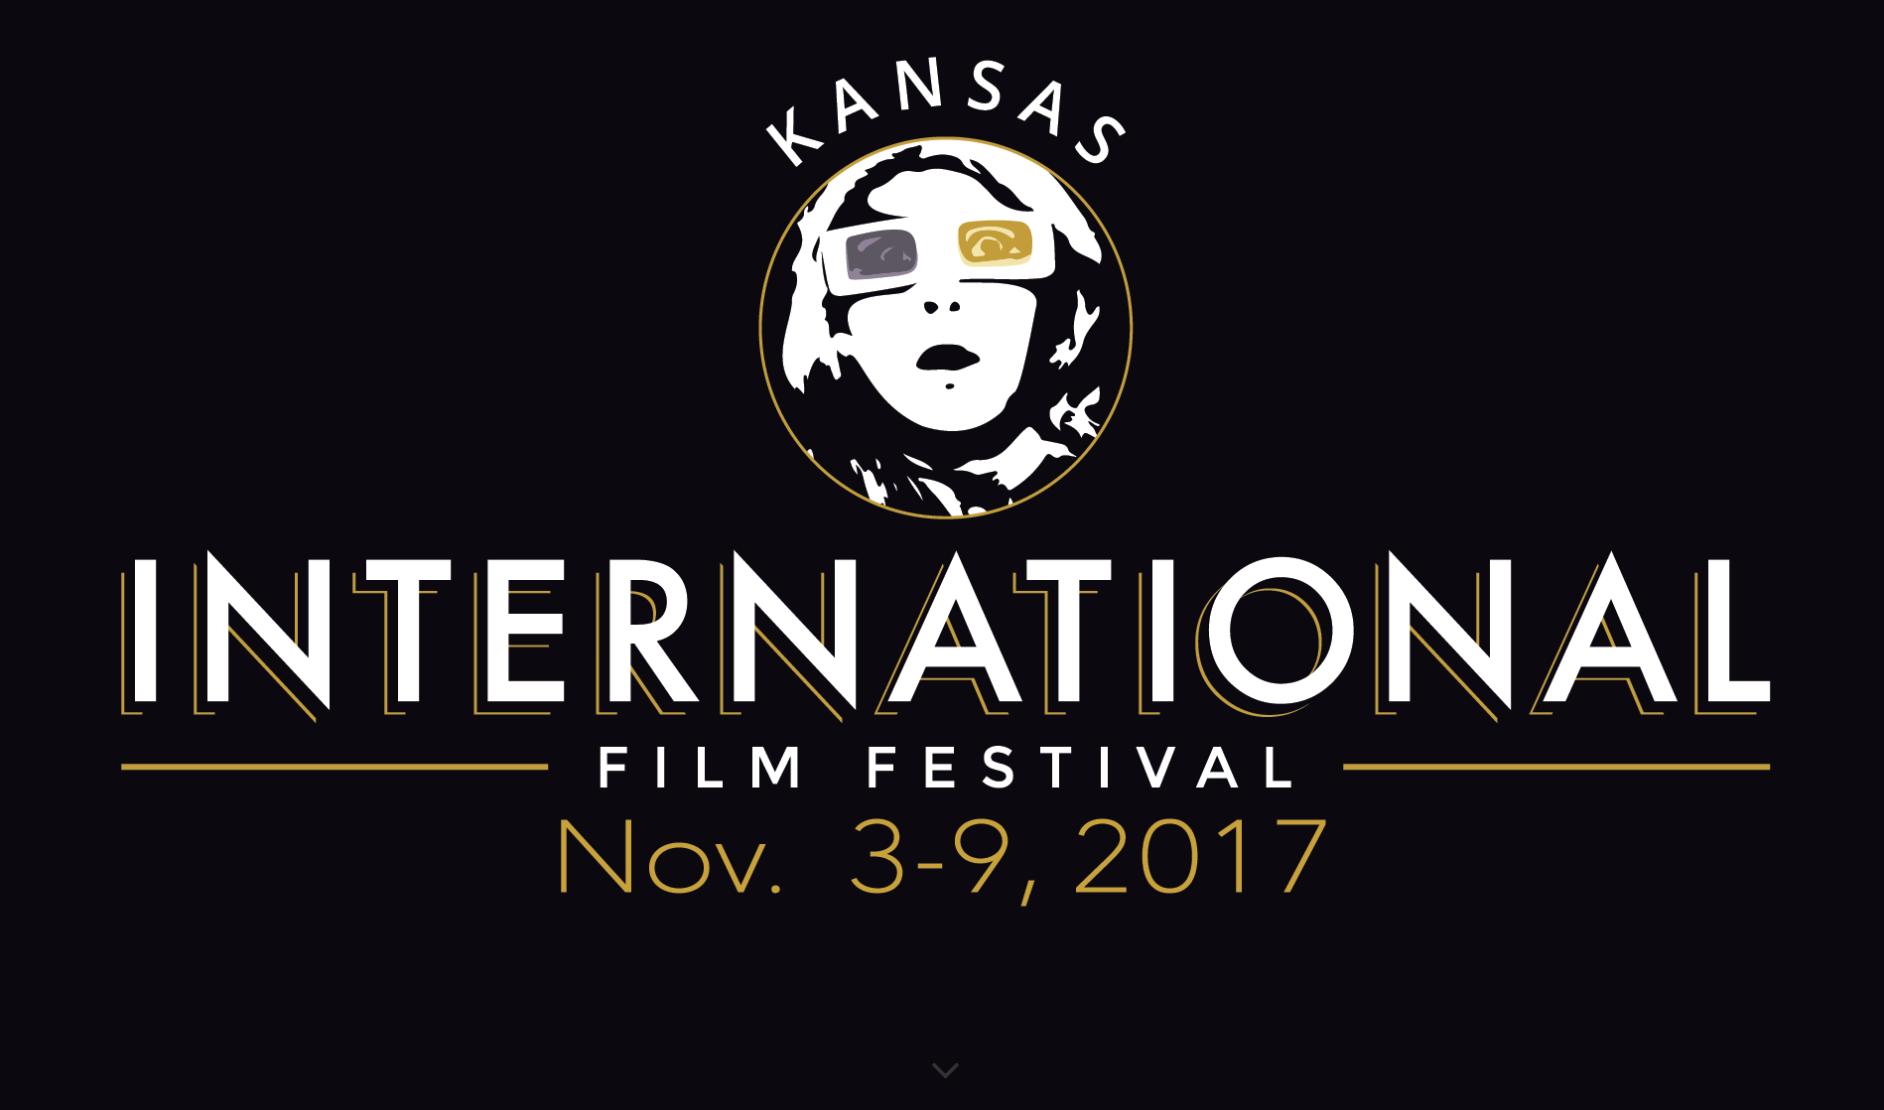 Kansas International Film Festival.png